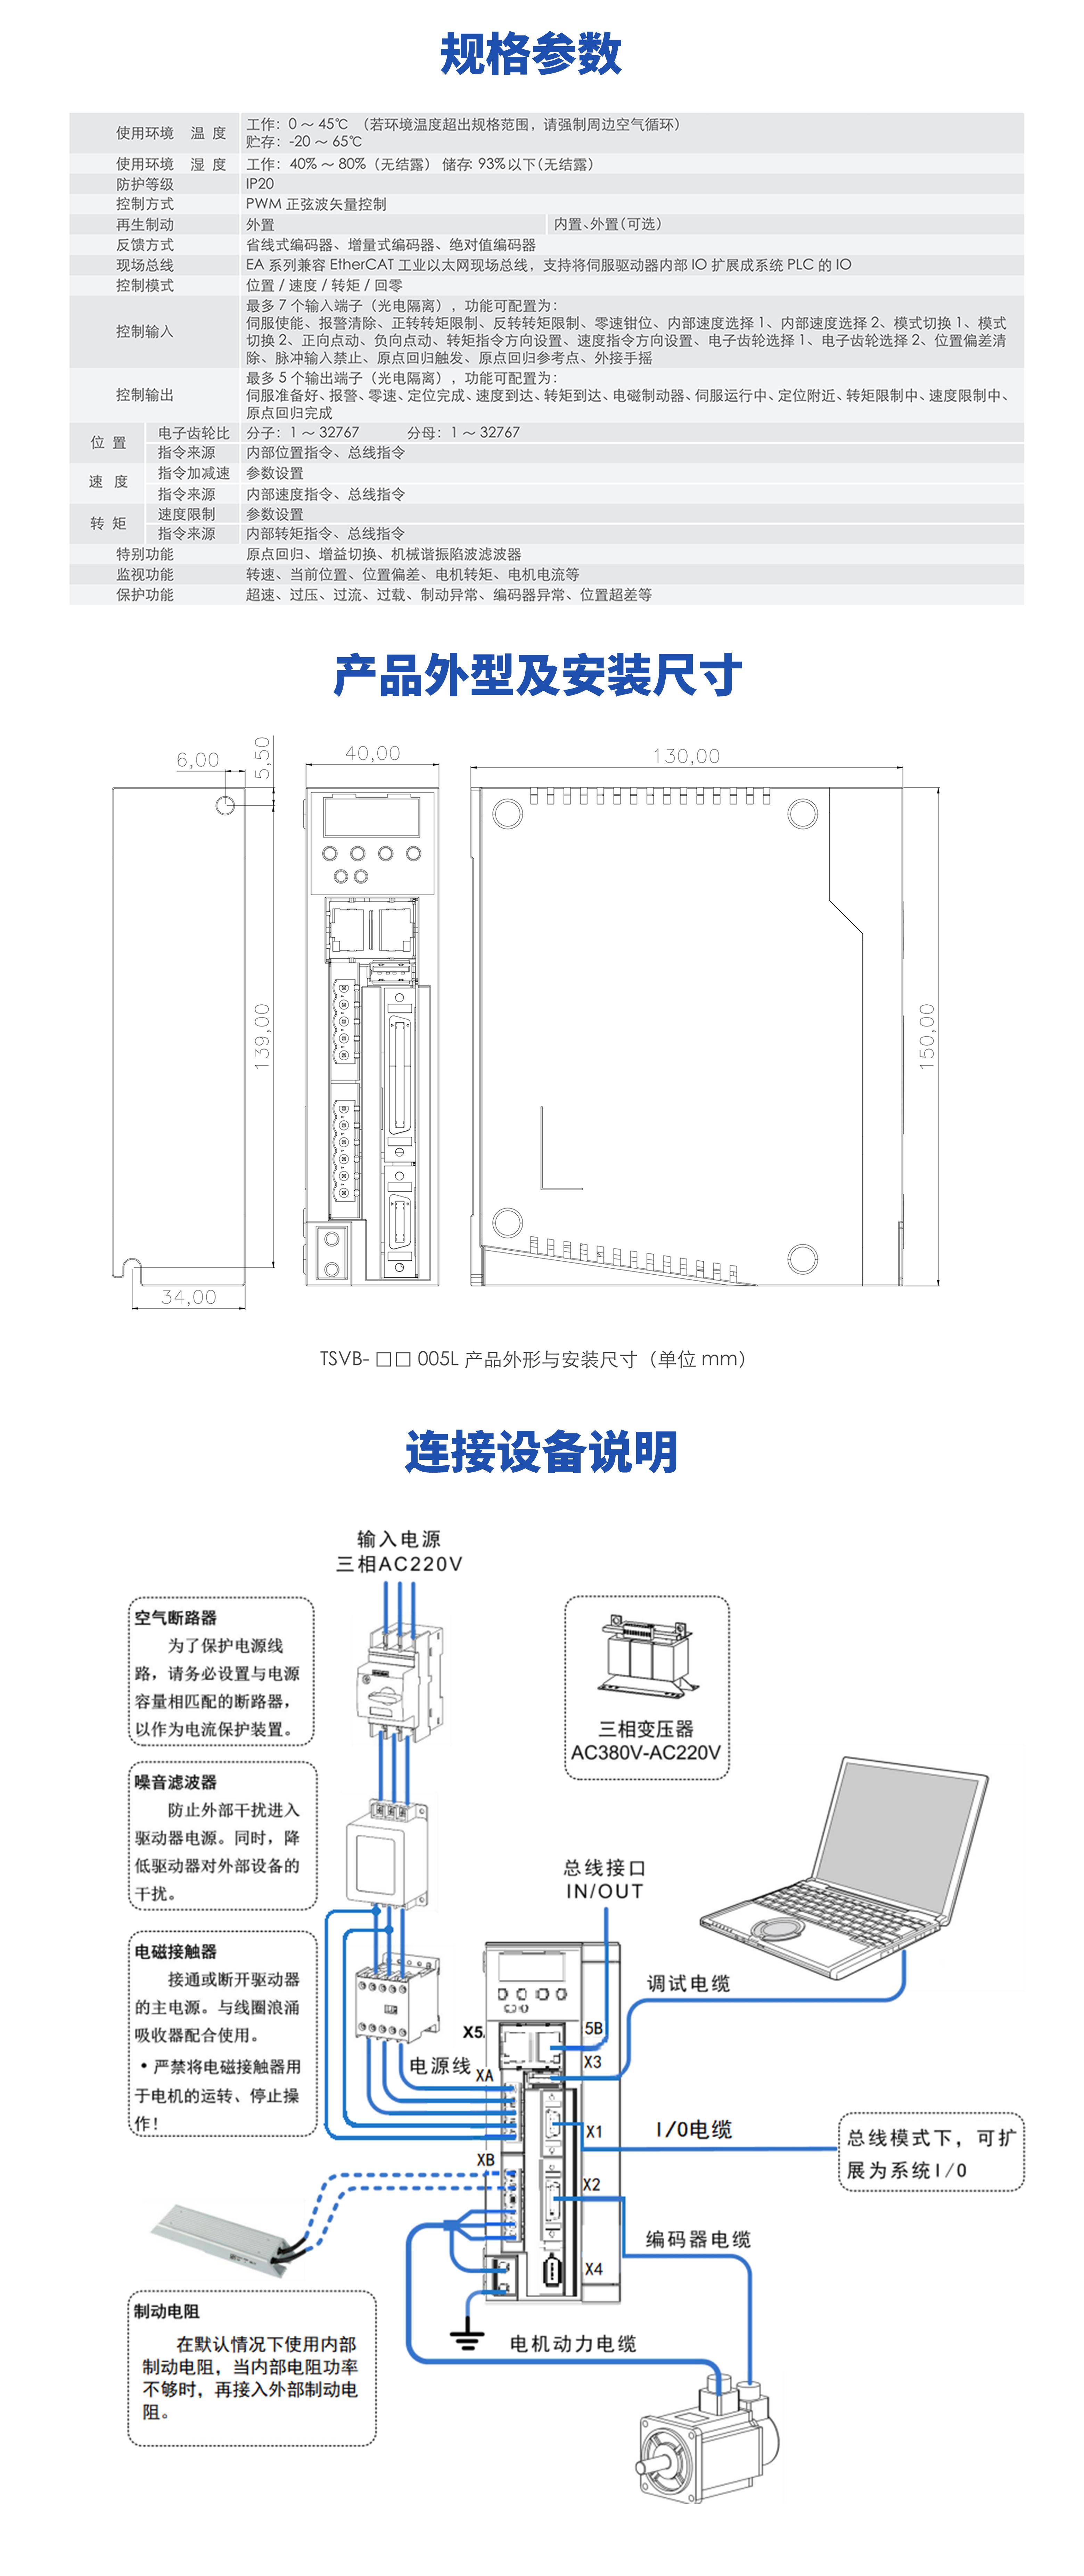 EA模板-005-2.jpg